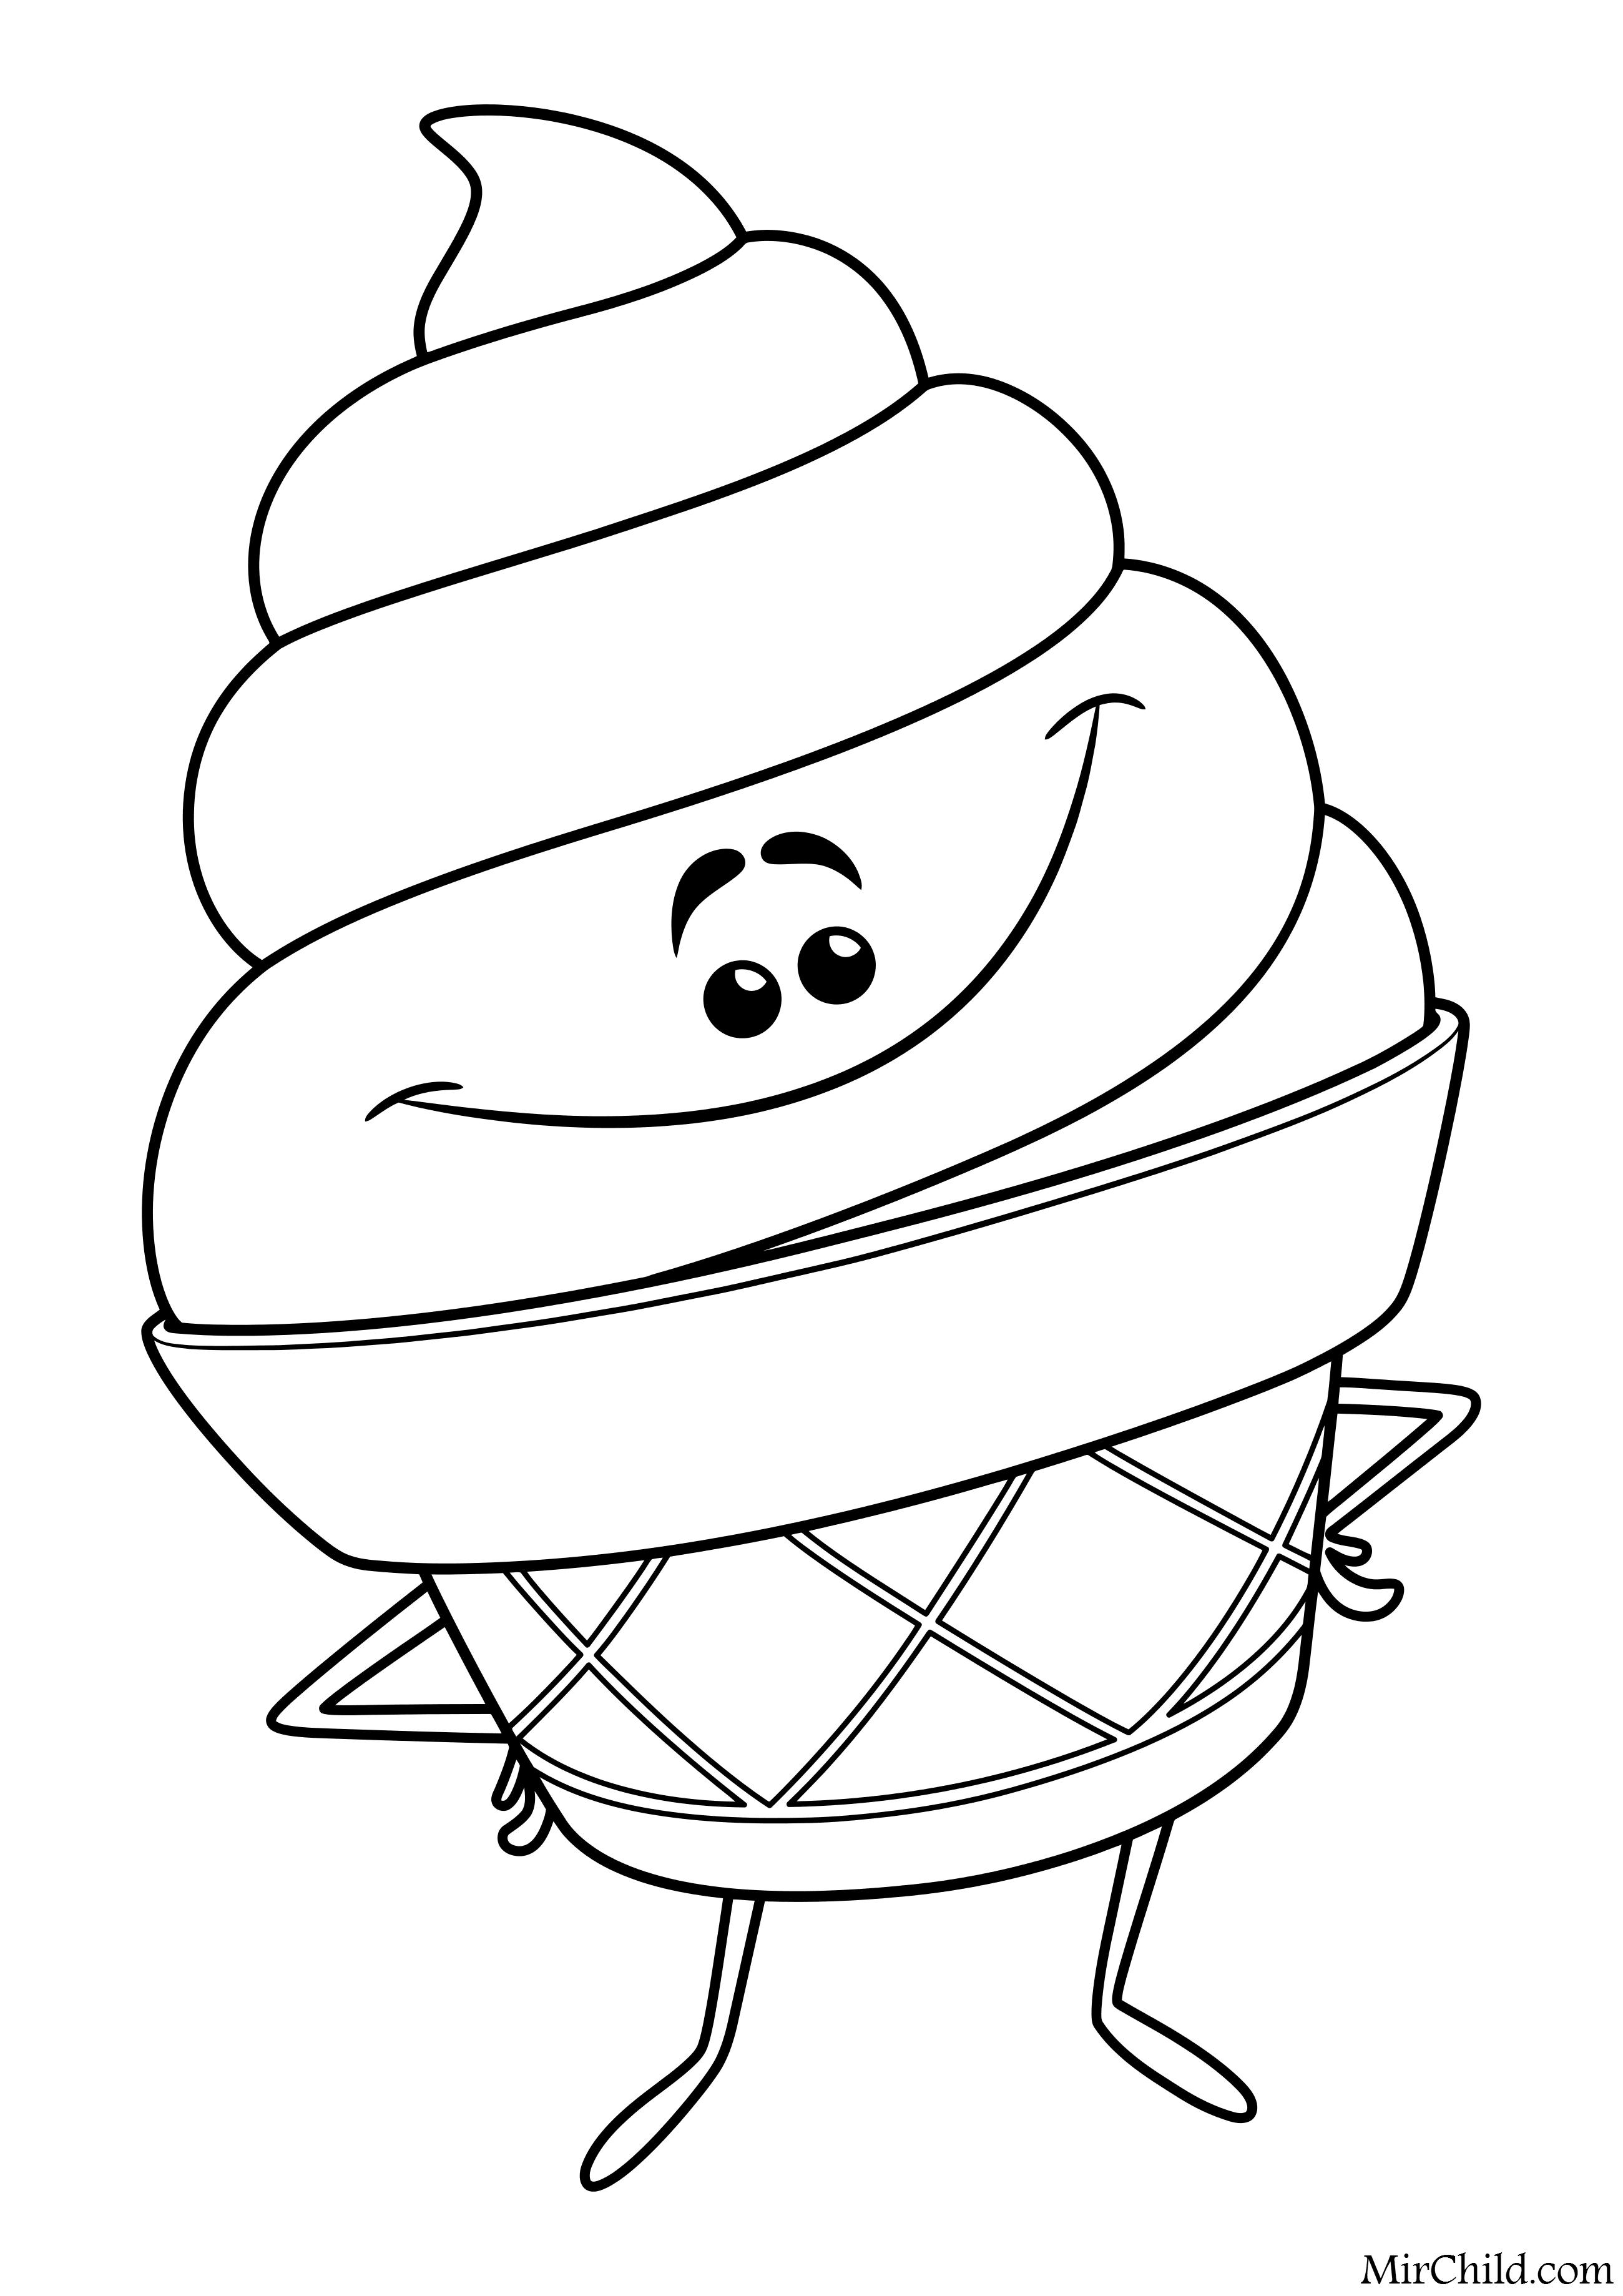 Рисунок рожок мороженого